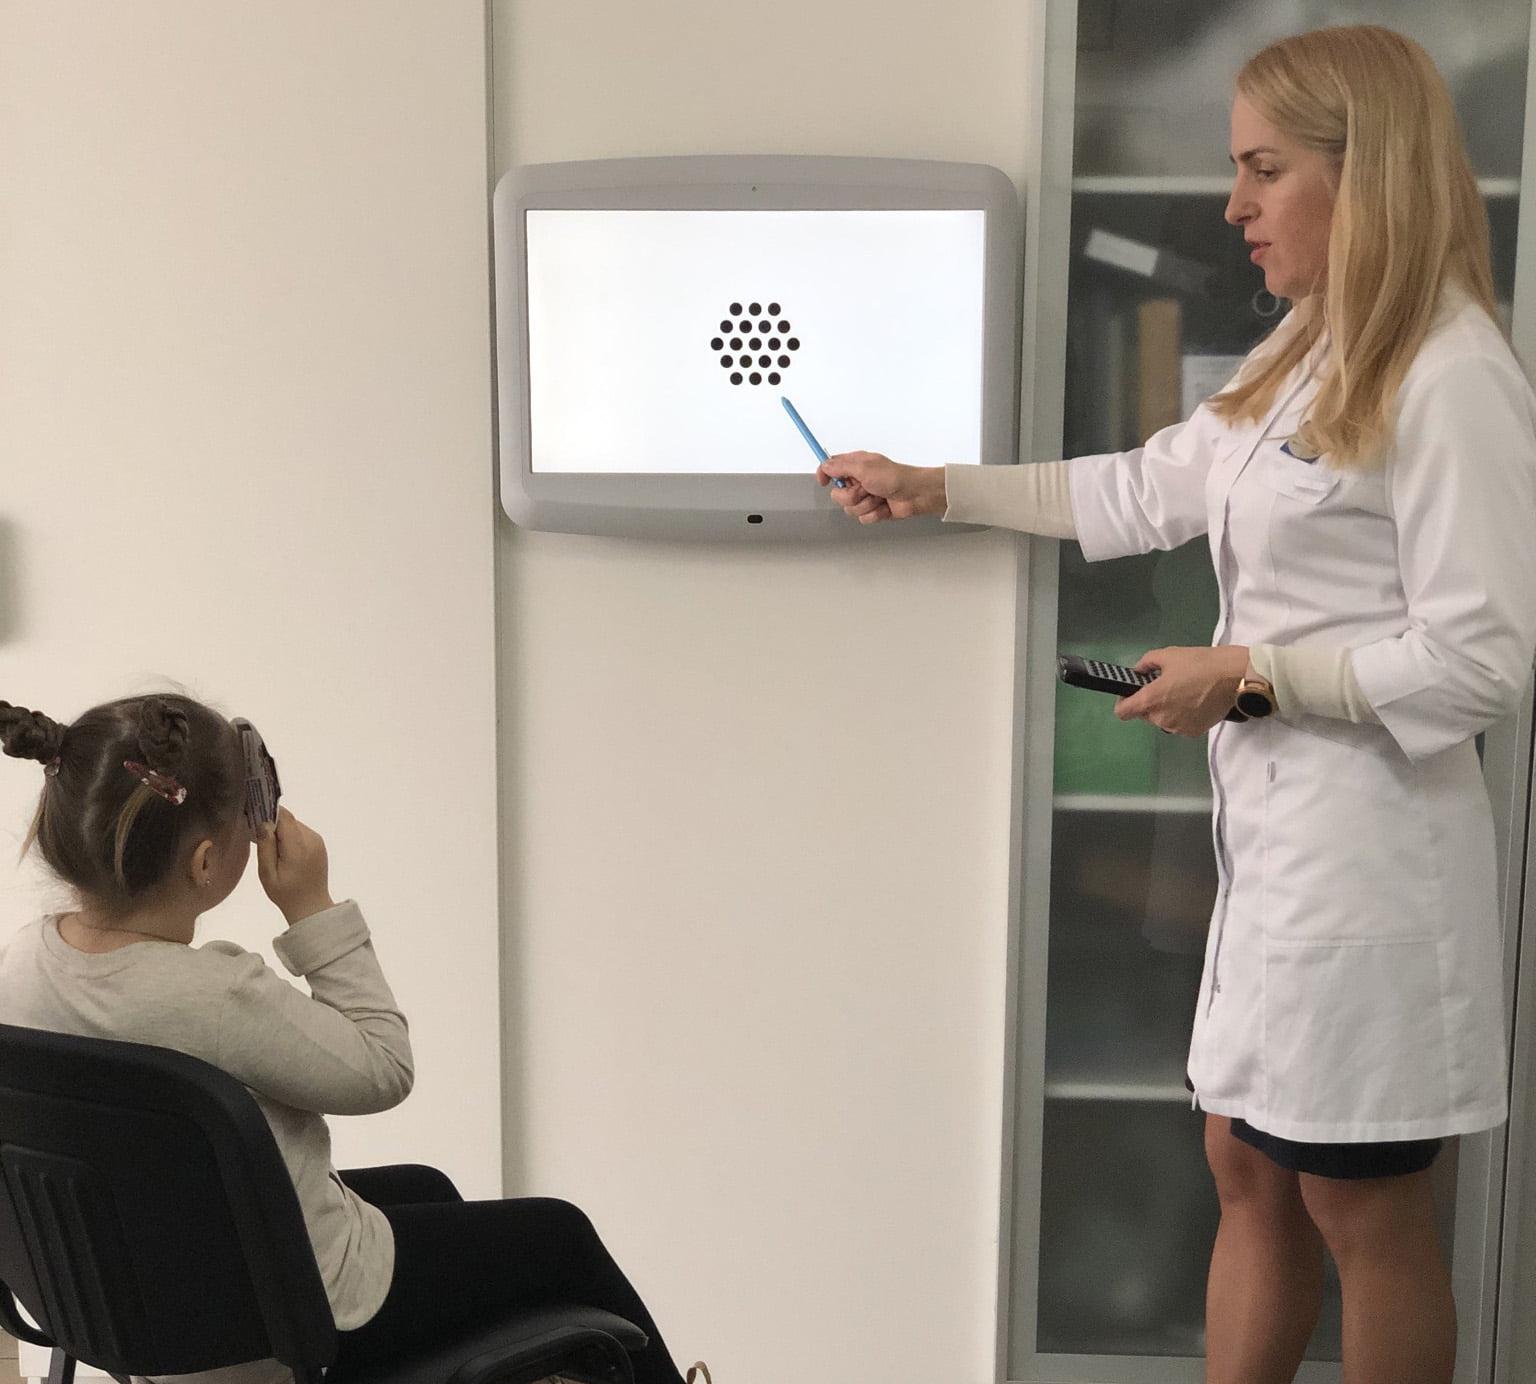 Экранный LCD проектор знаков